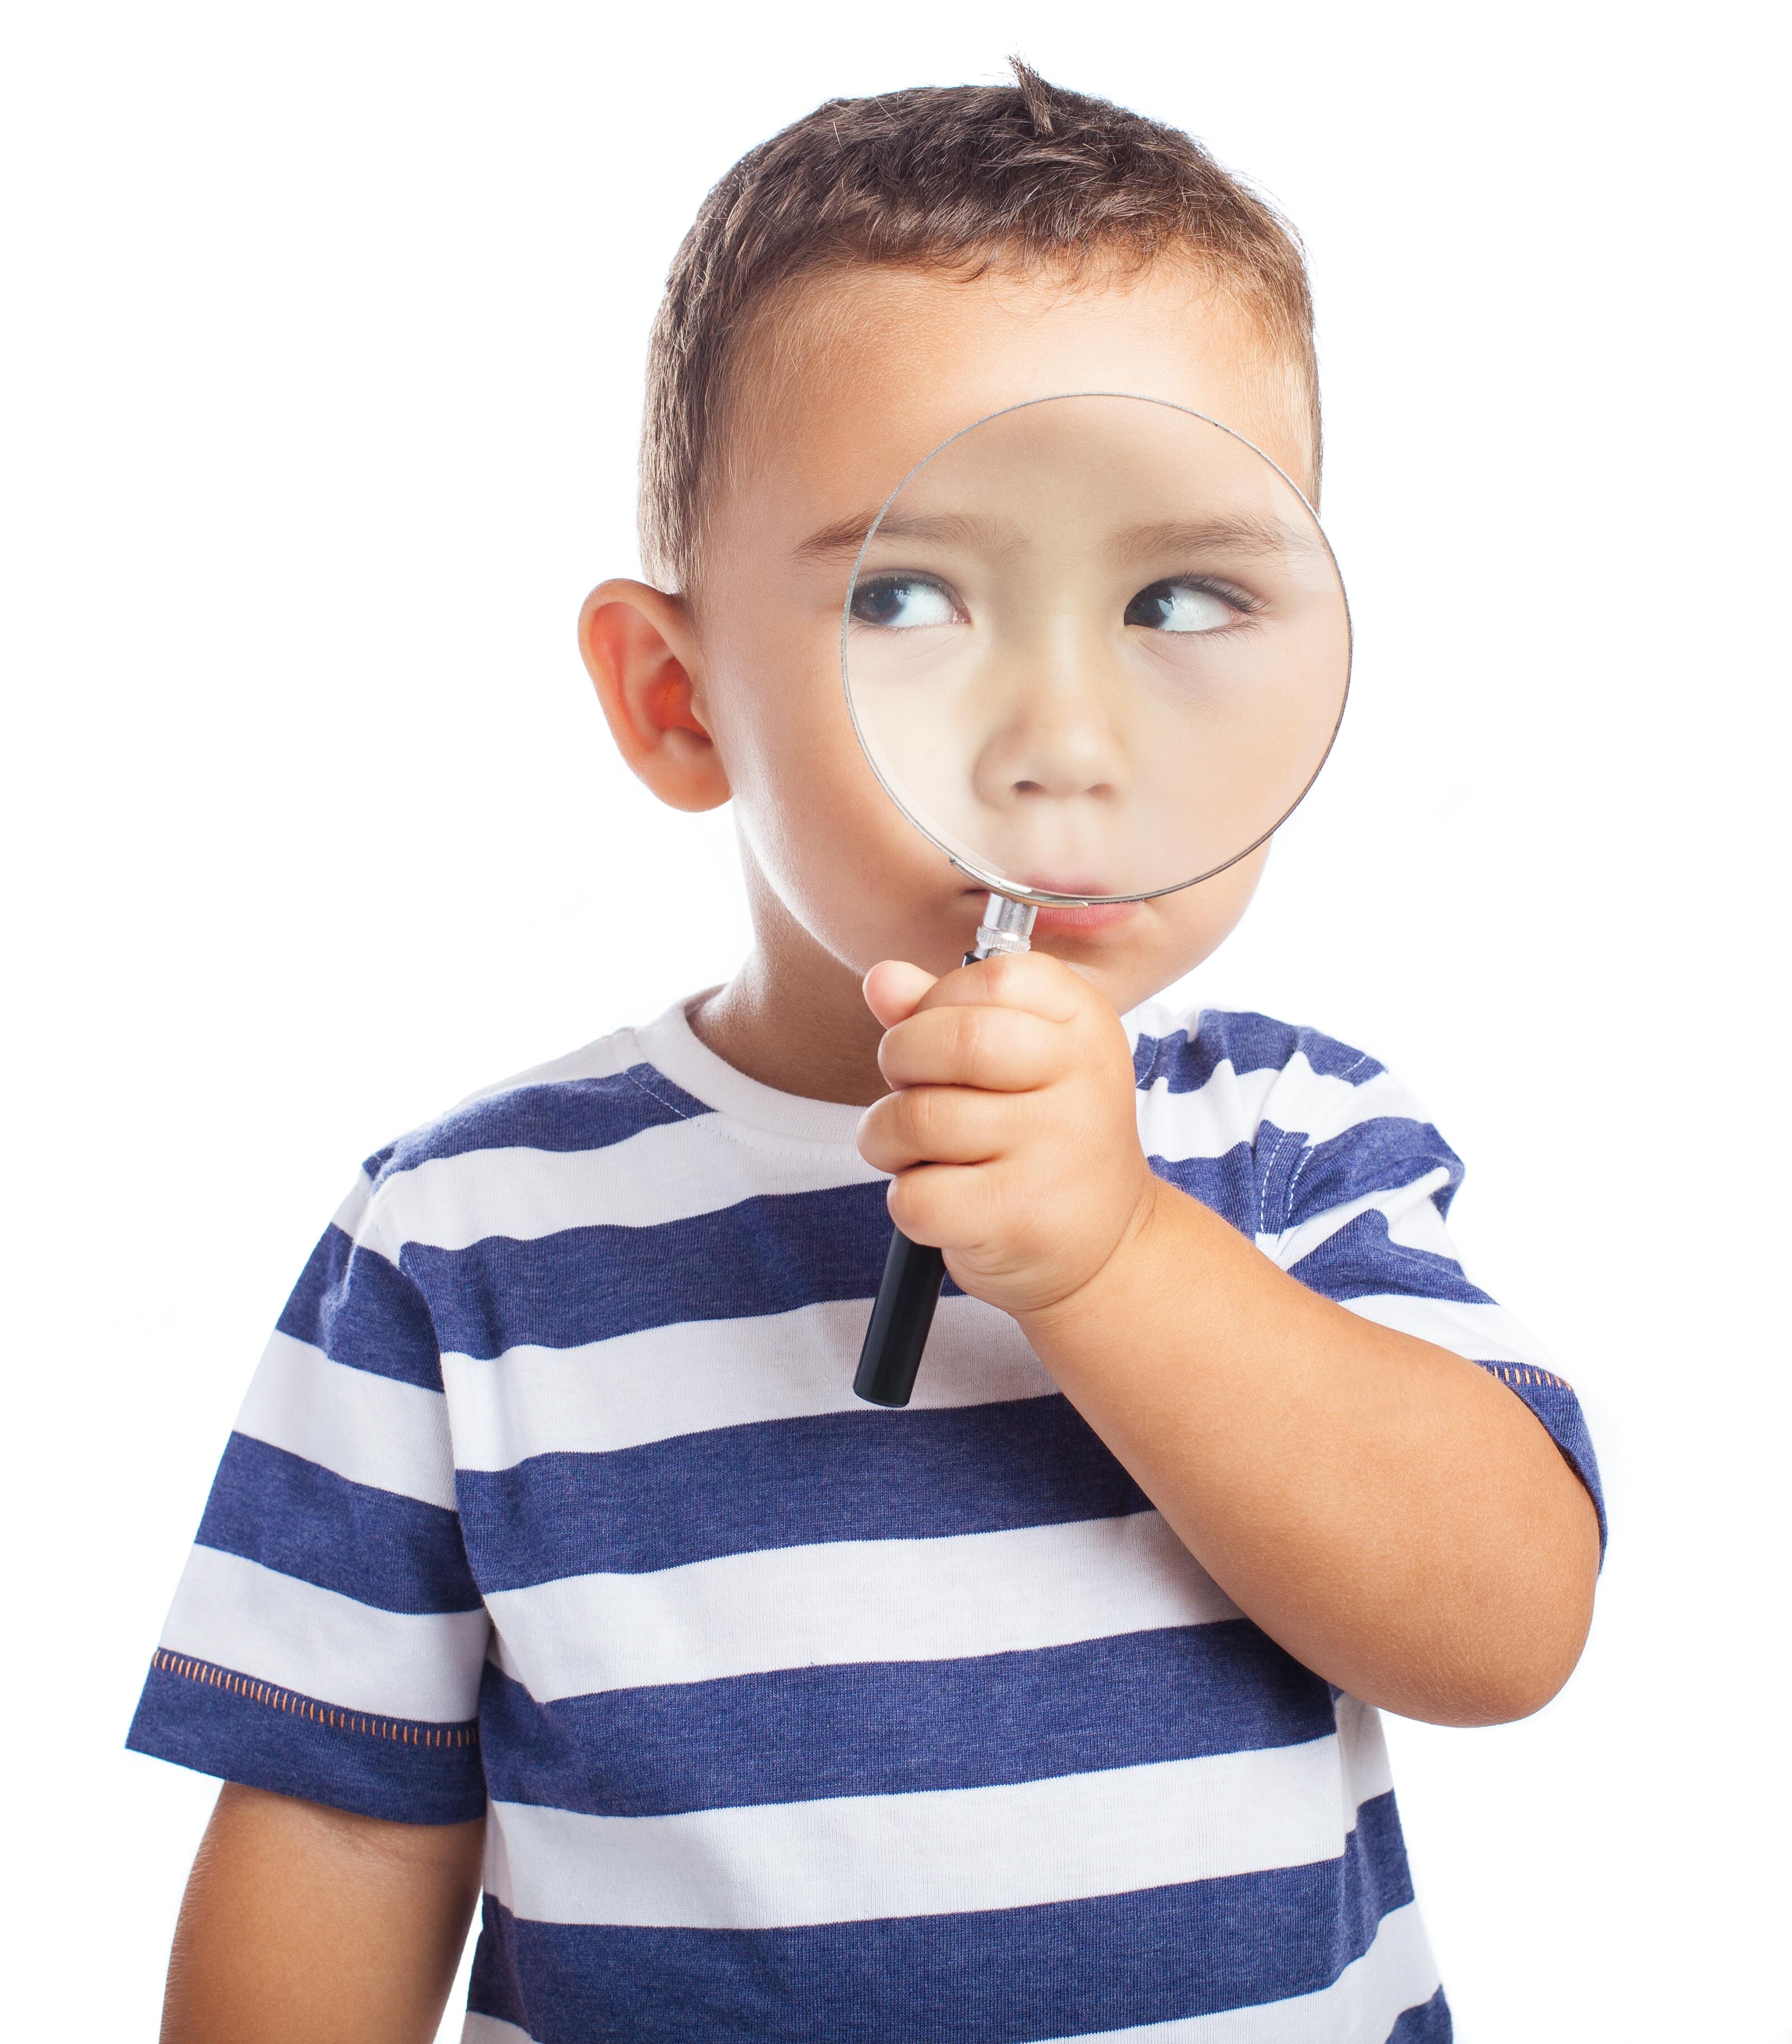 Ребенок с лупой фото